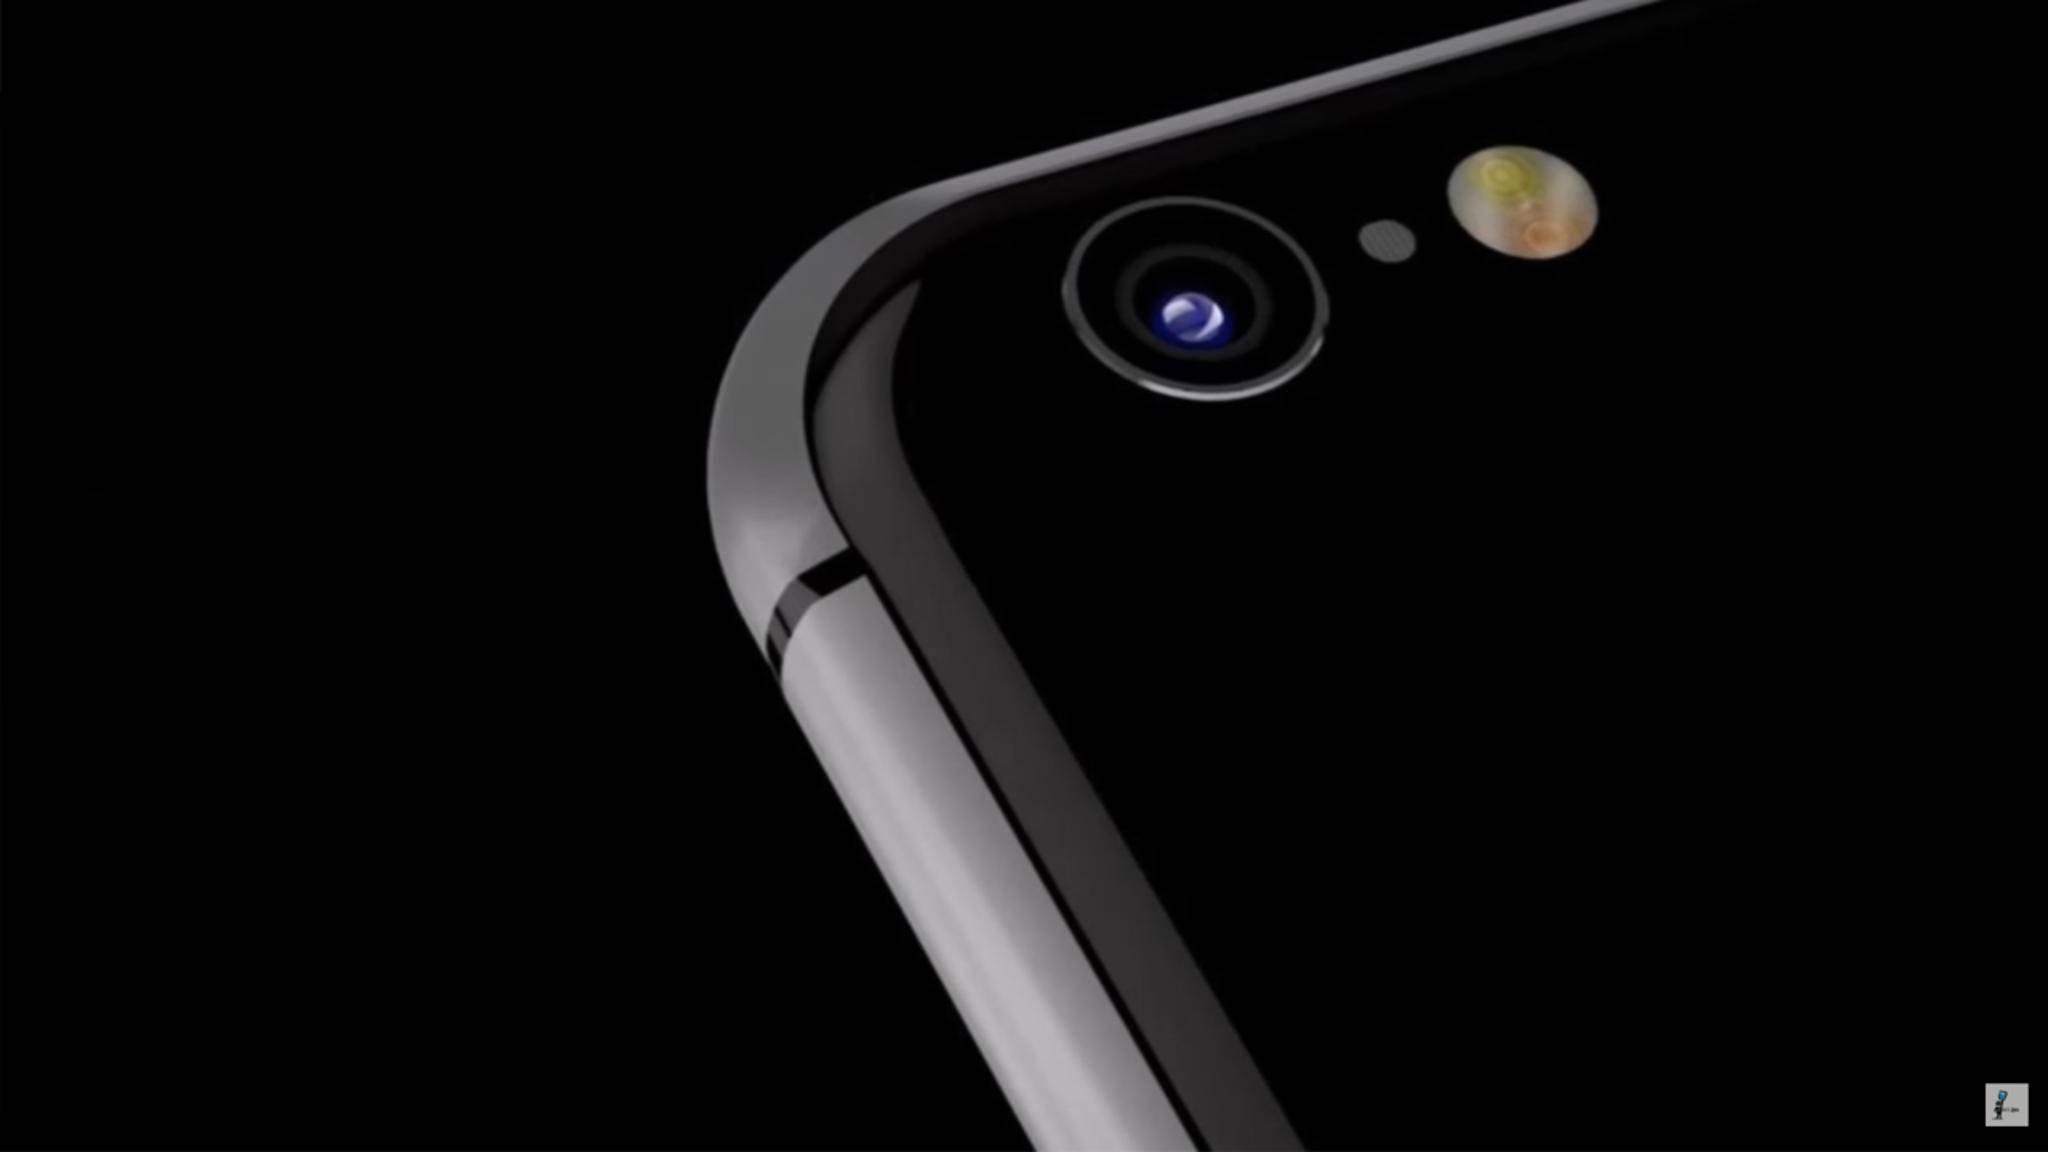 Diese Konzeptstudie zeigt das iPhone 8 mit gebogenen Kanten. Wird das auch in der Realität so sein?